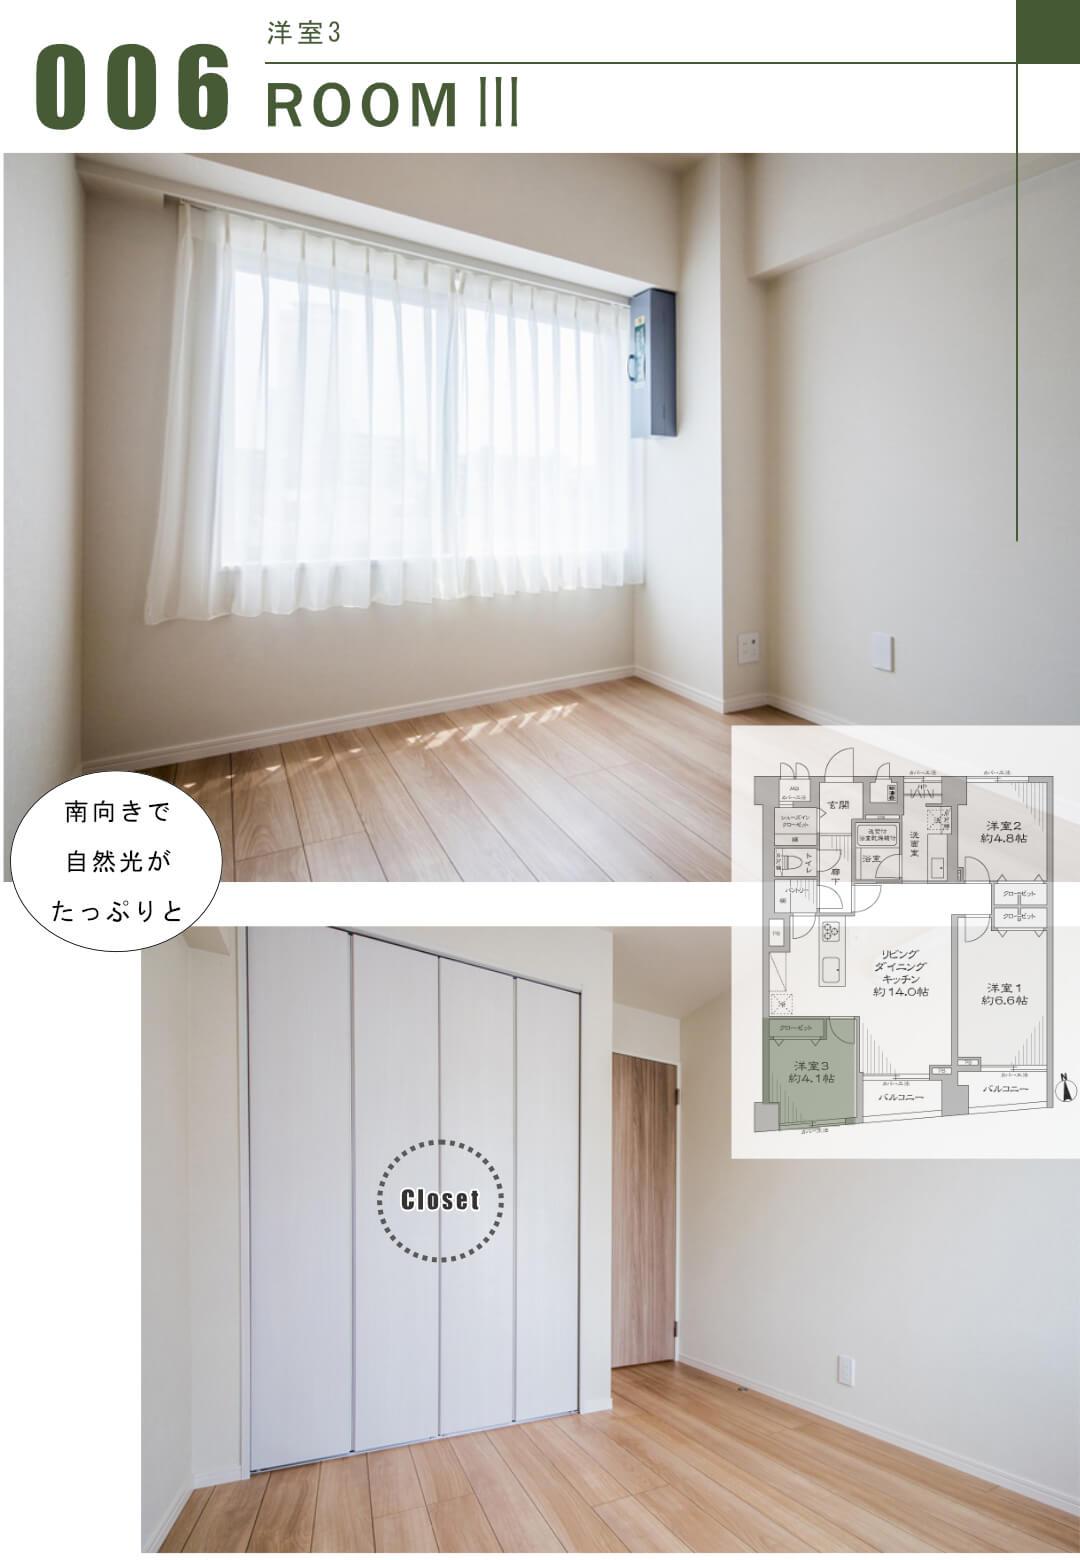 東中野フレンドマンション 403号室の洋室3